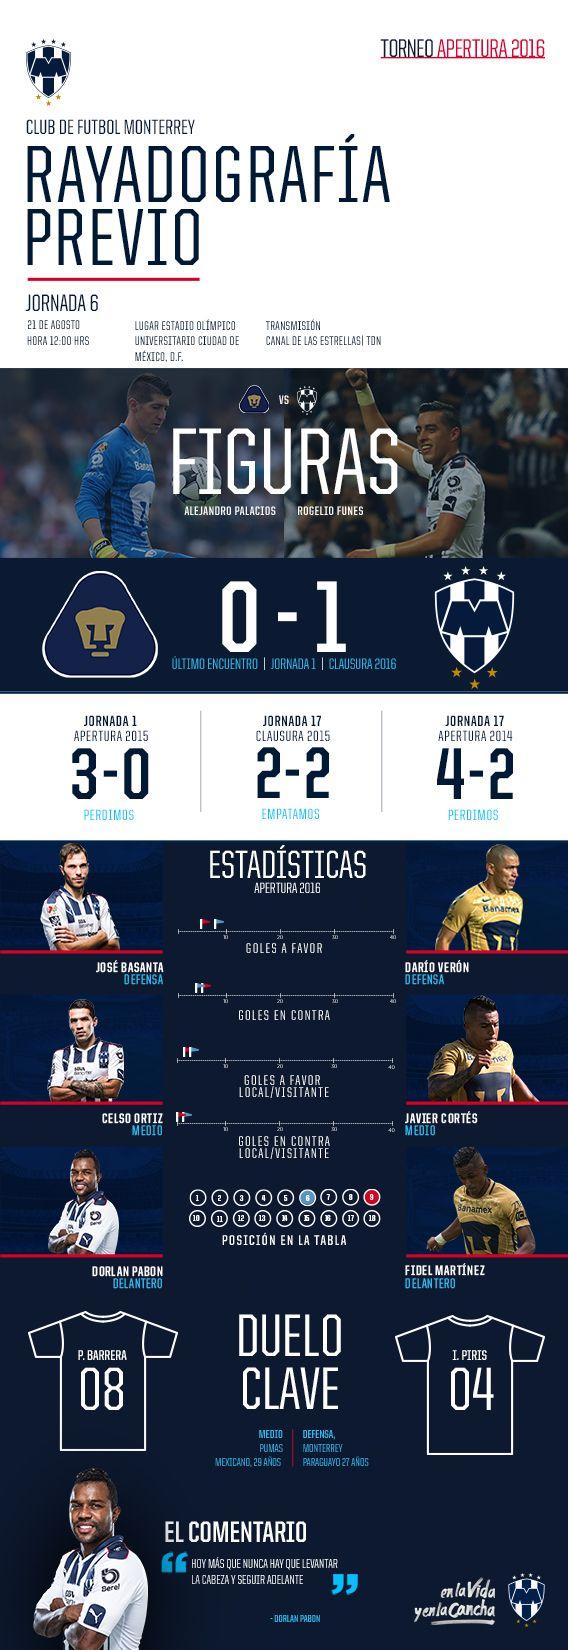 Rayadografía - Pumas vs. Rayados (Previo)